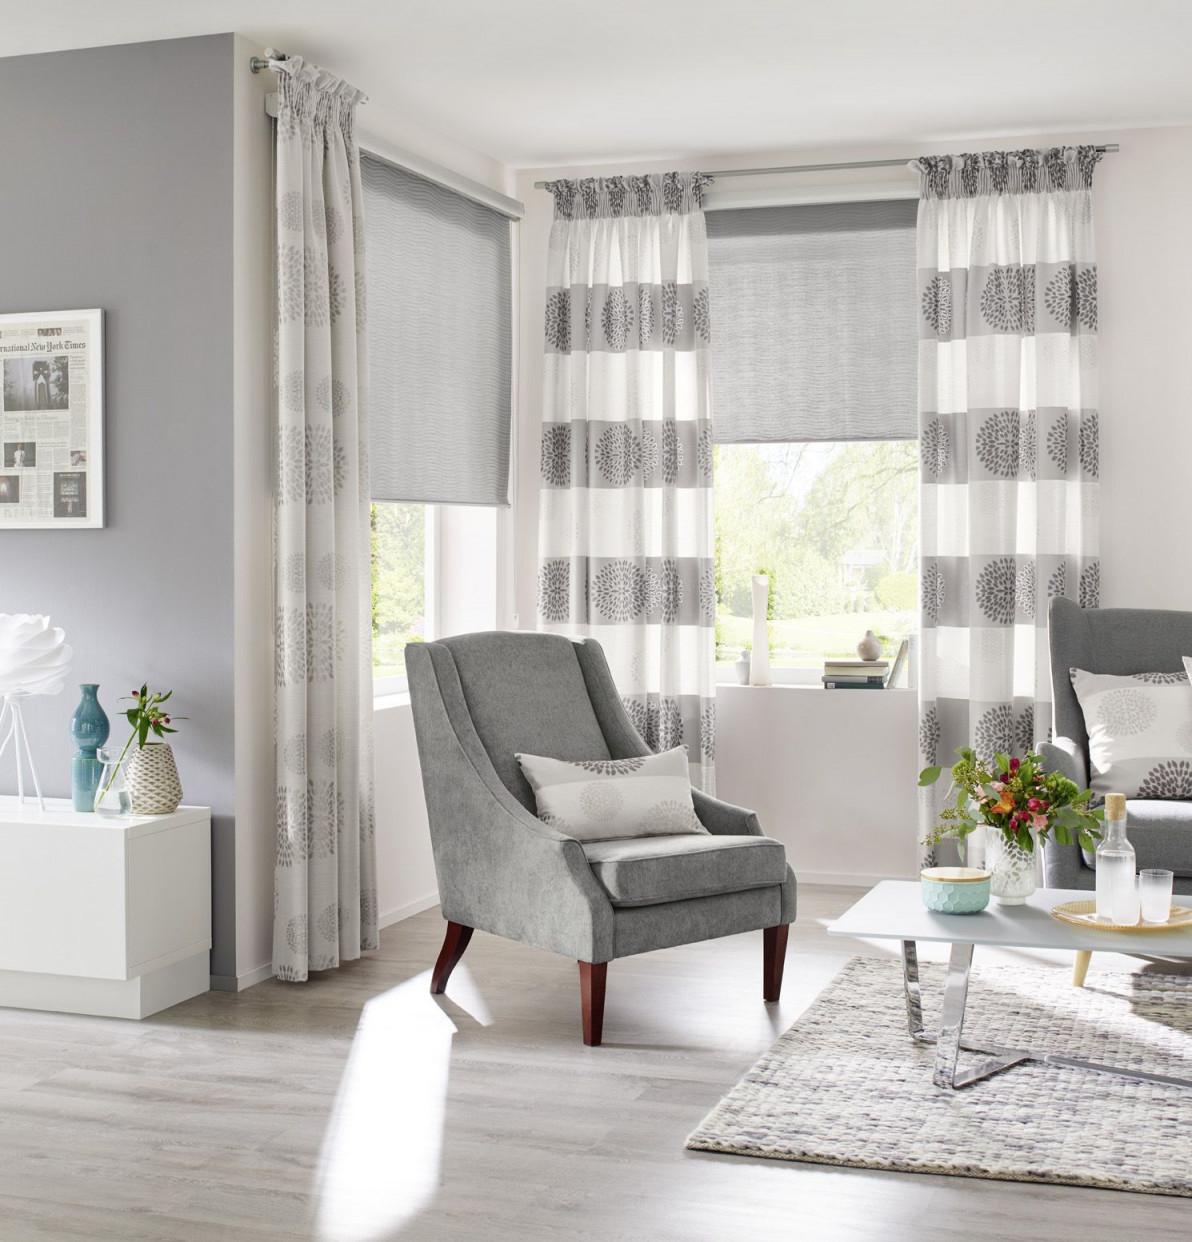 Fenster Globe Gardinen Dekostoffe Vorhang Wohnstoffe von Gardinen Farbe Wohnzimmer Bild